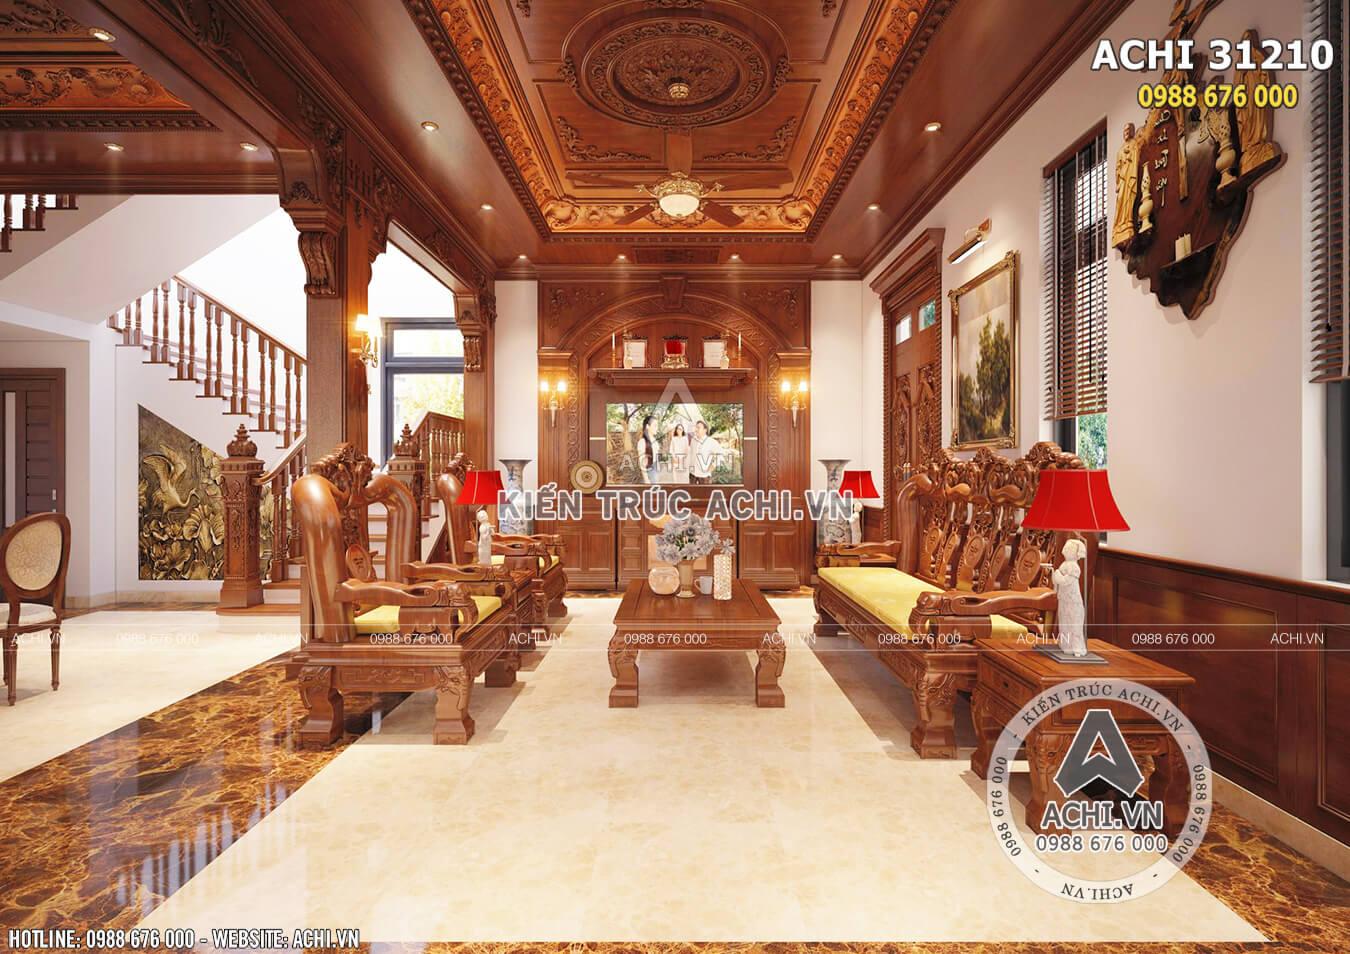 Không gian nội thất phòng khách mẫu nhà tân cổ điển 3 tầng